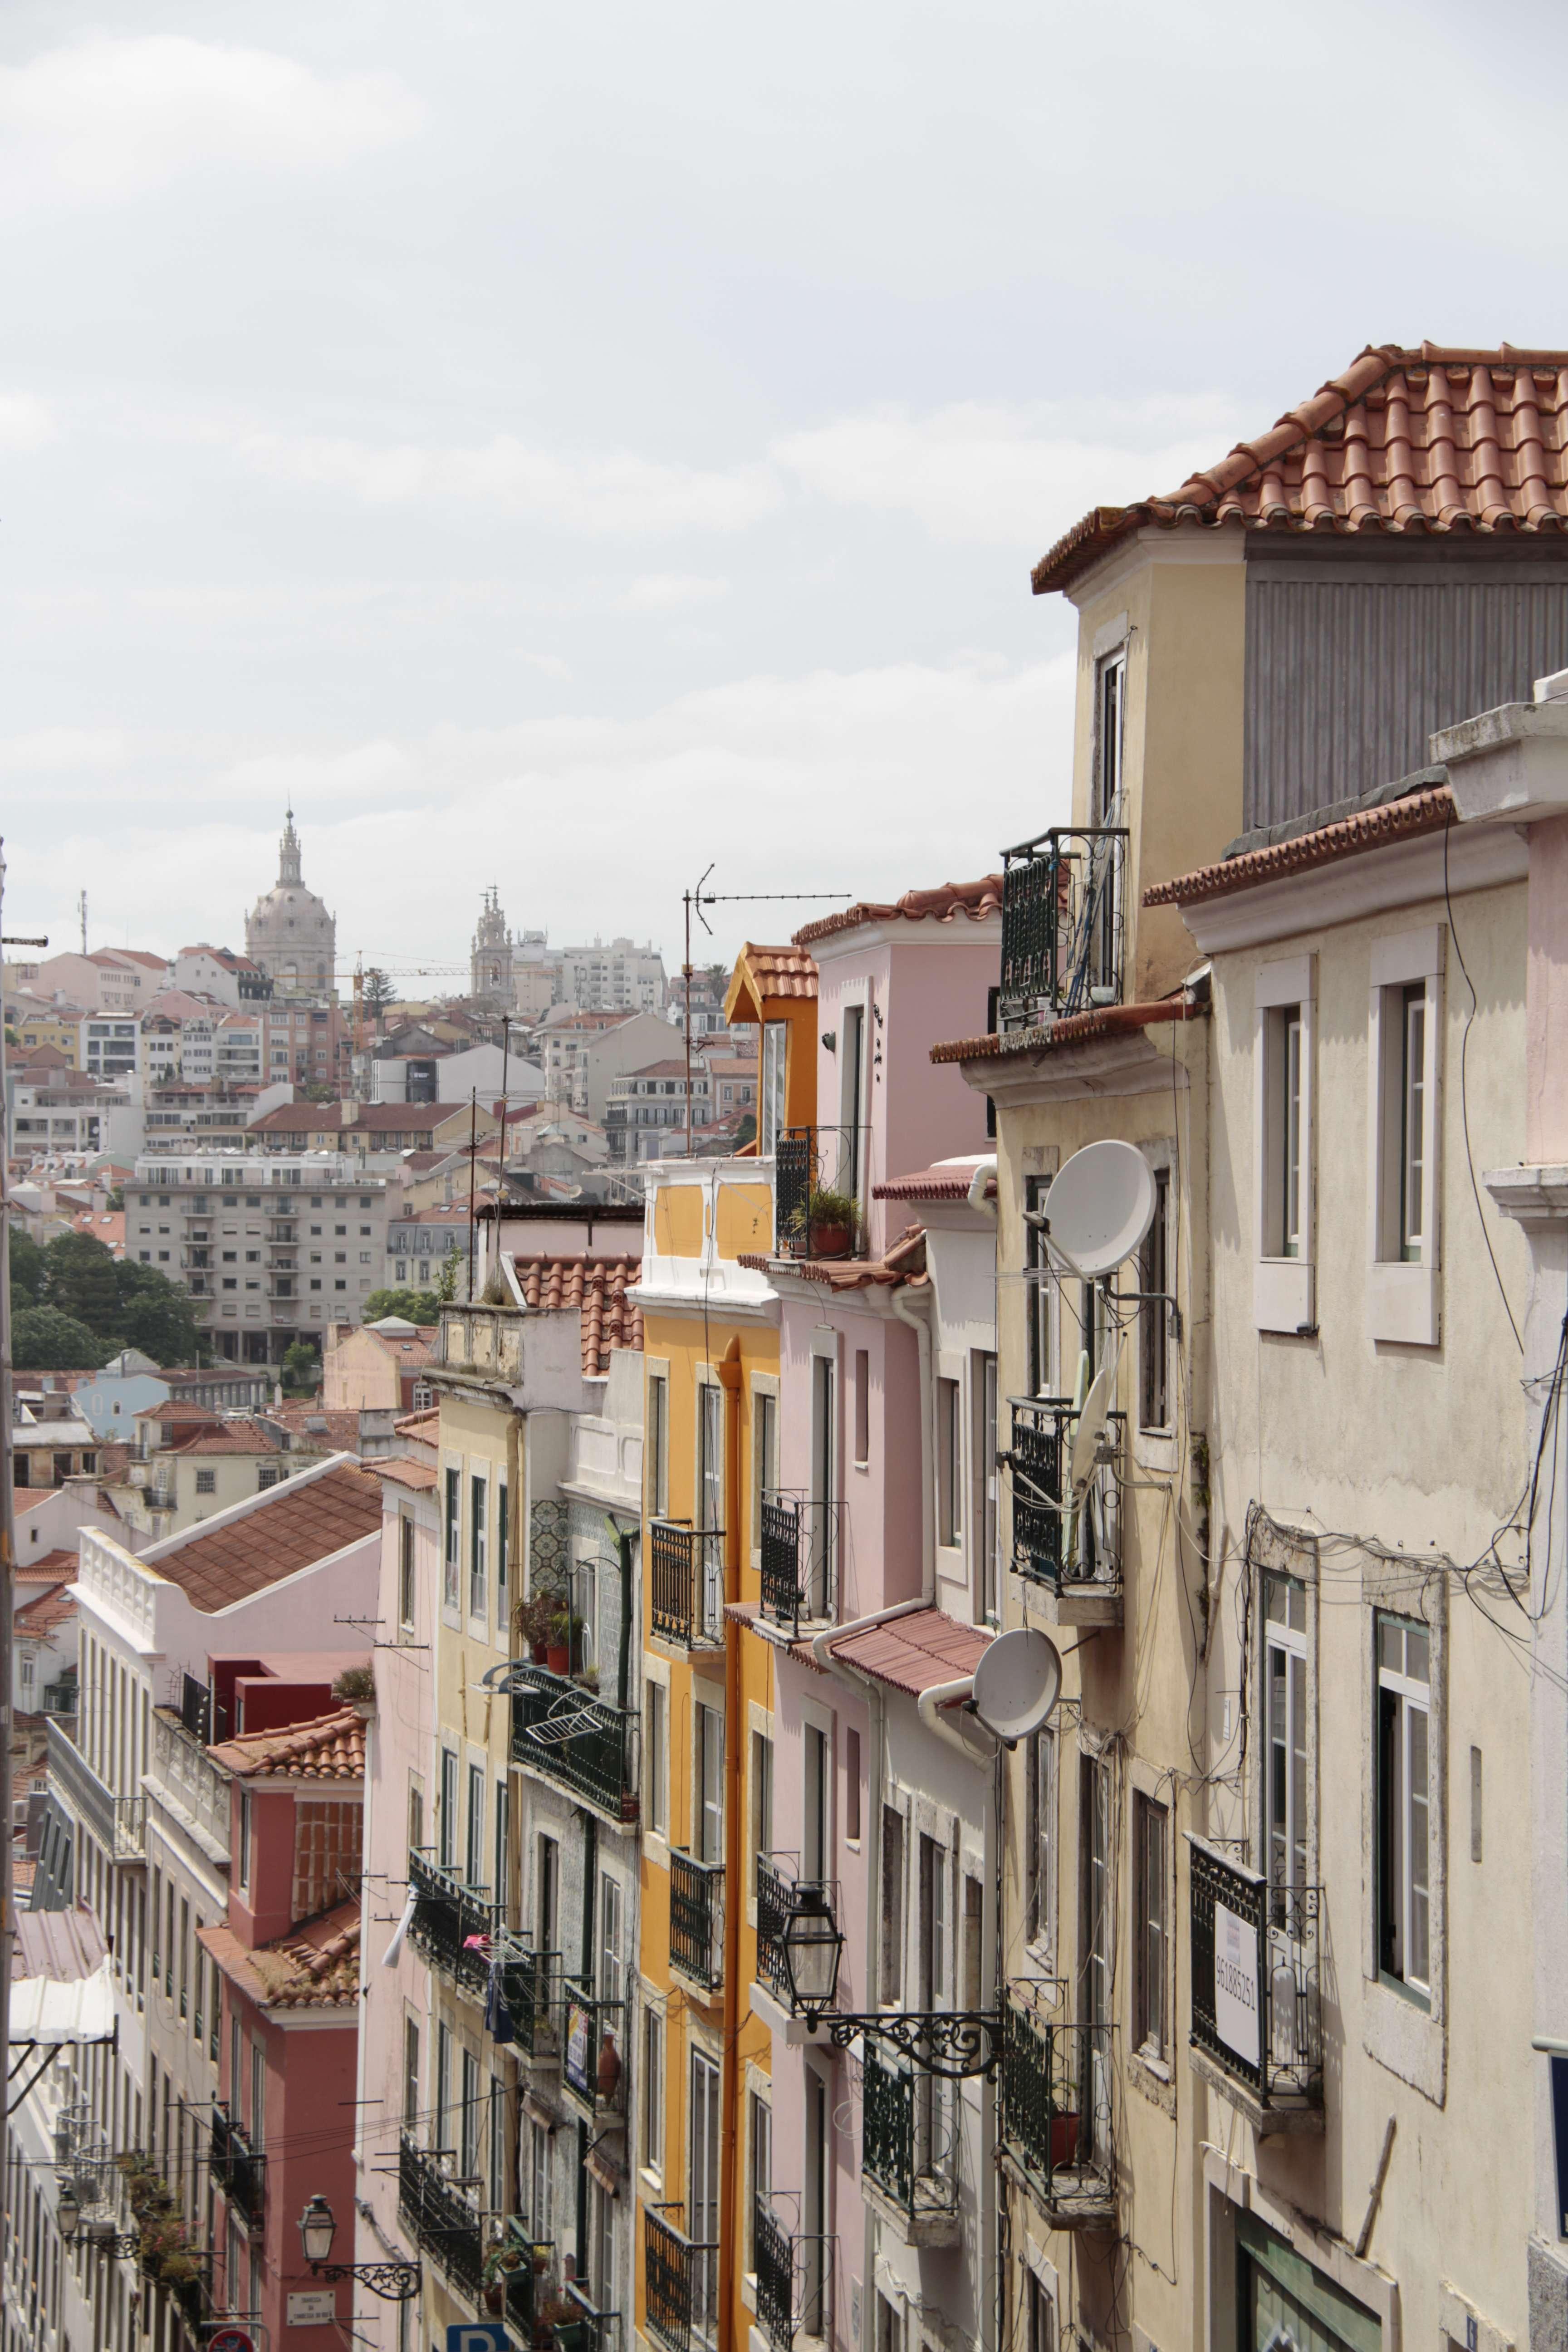 Portugal mai 2018_0179 Lisbonne Bairro alto